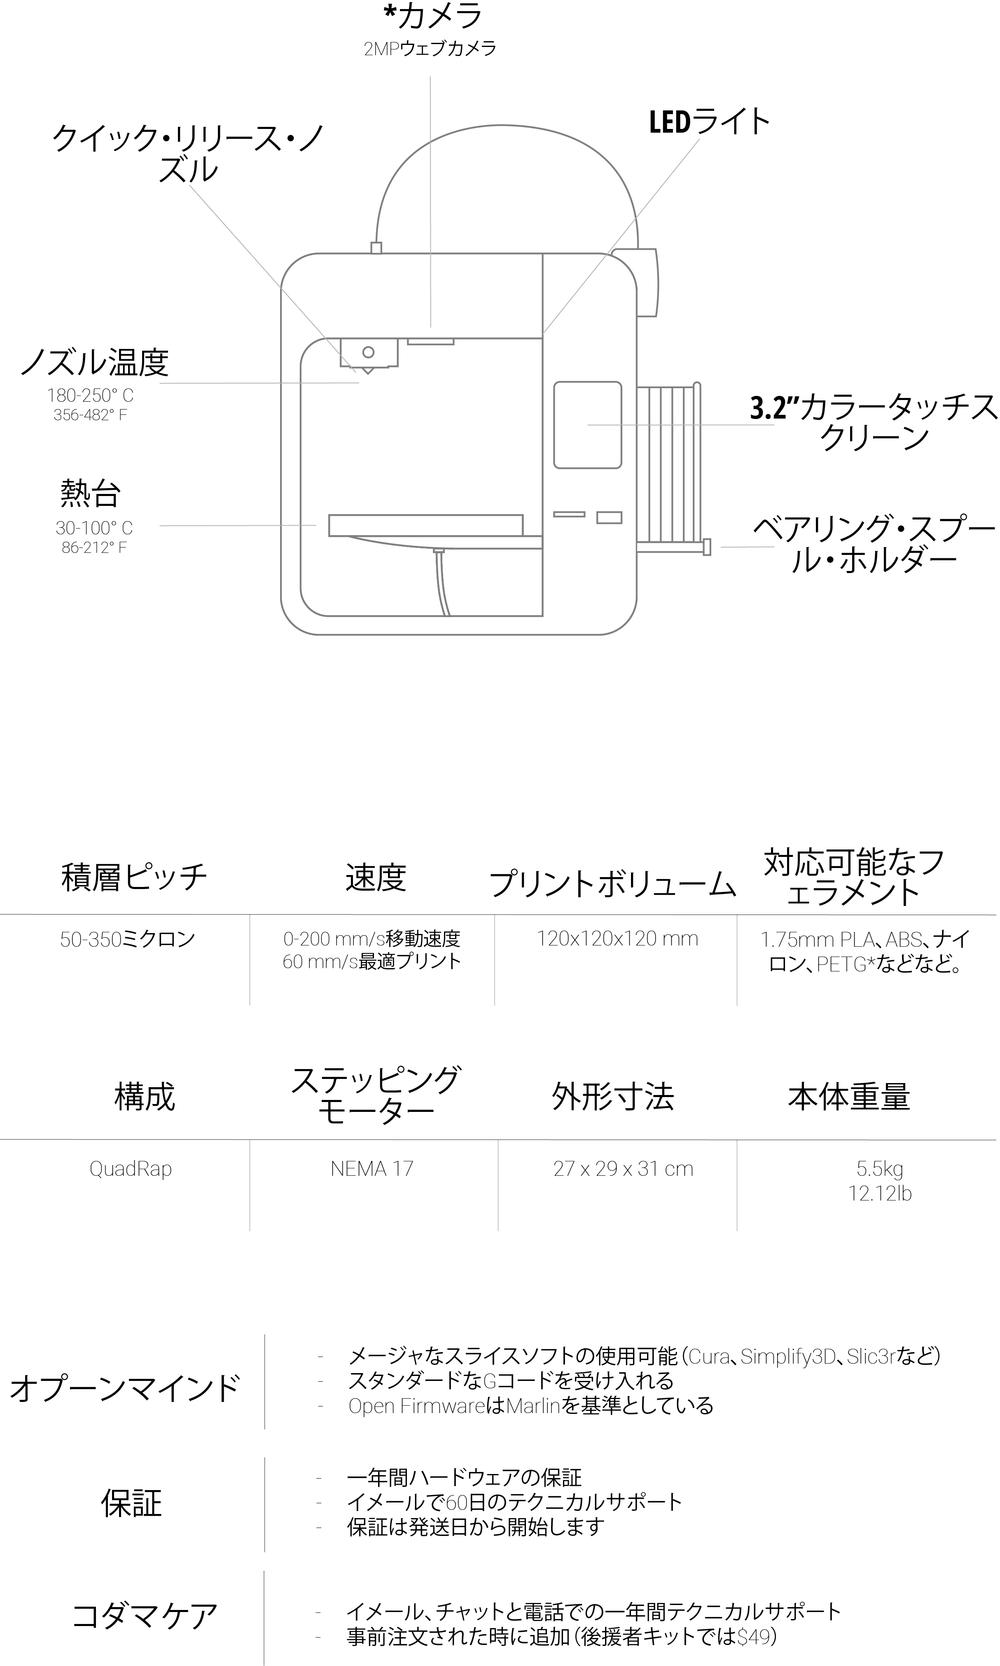 japanese tech specs copy.png